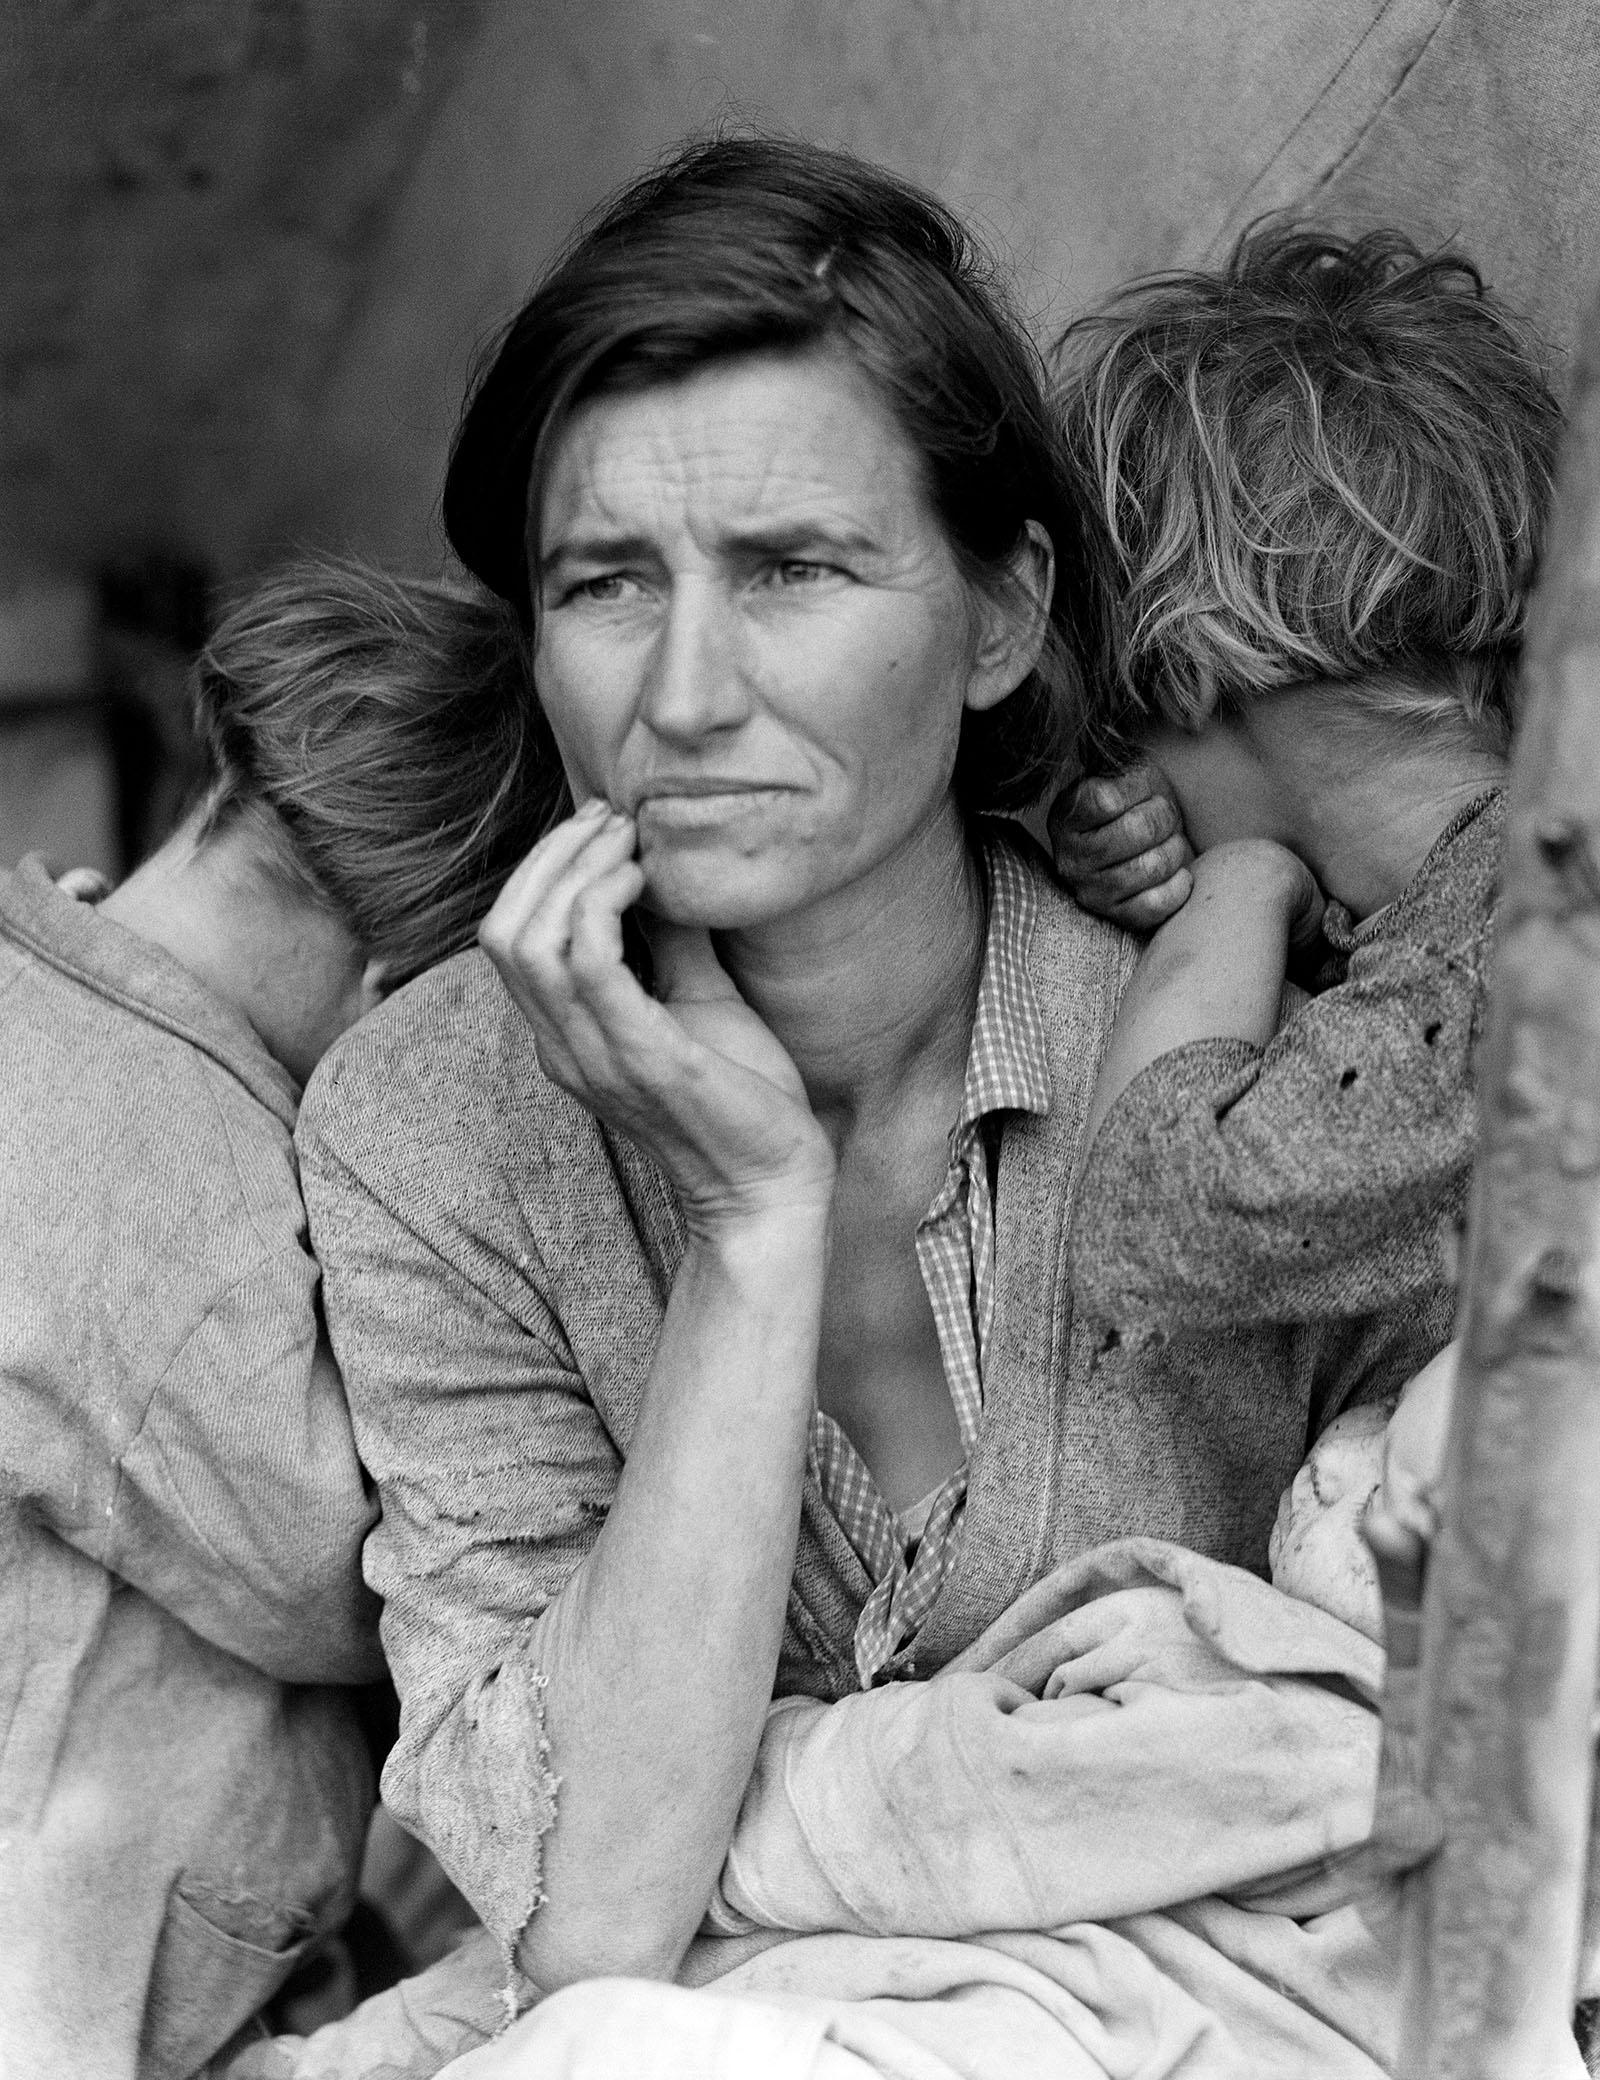 foto van Dorothea Lange getiteld Migrant Mother, waarop een moeder met twee kinderen en een baby in vodden tijdens de Grote Depressie van 1930